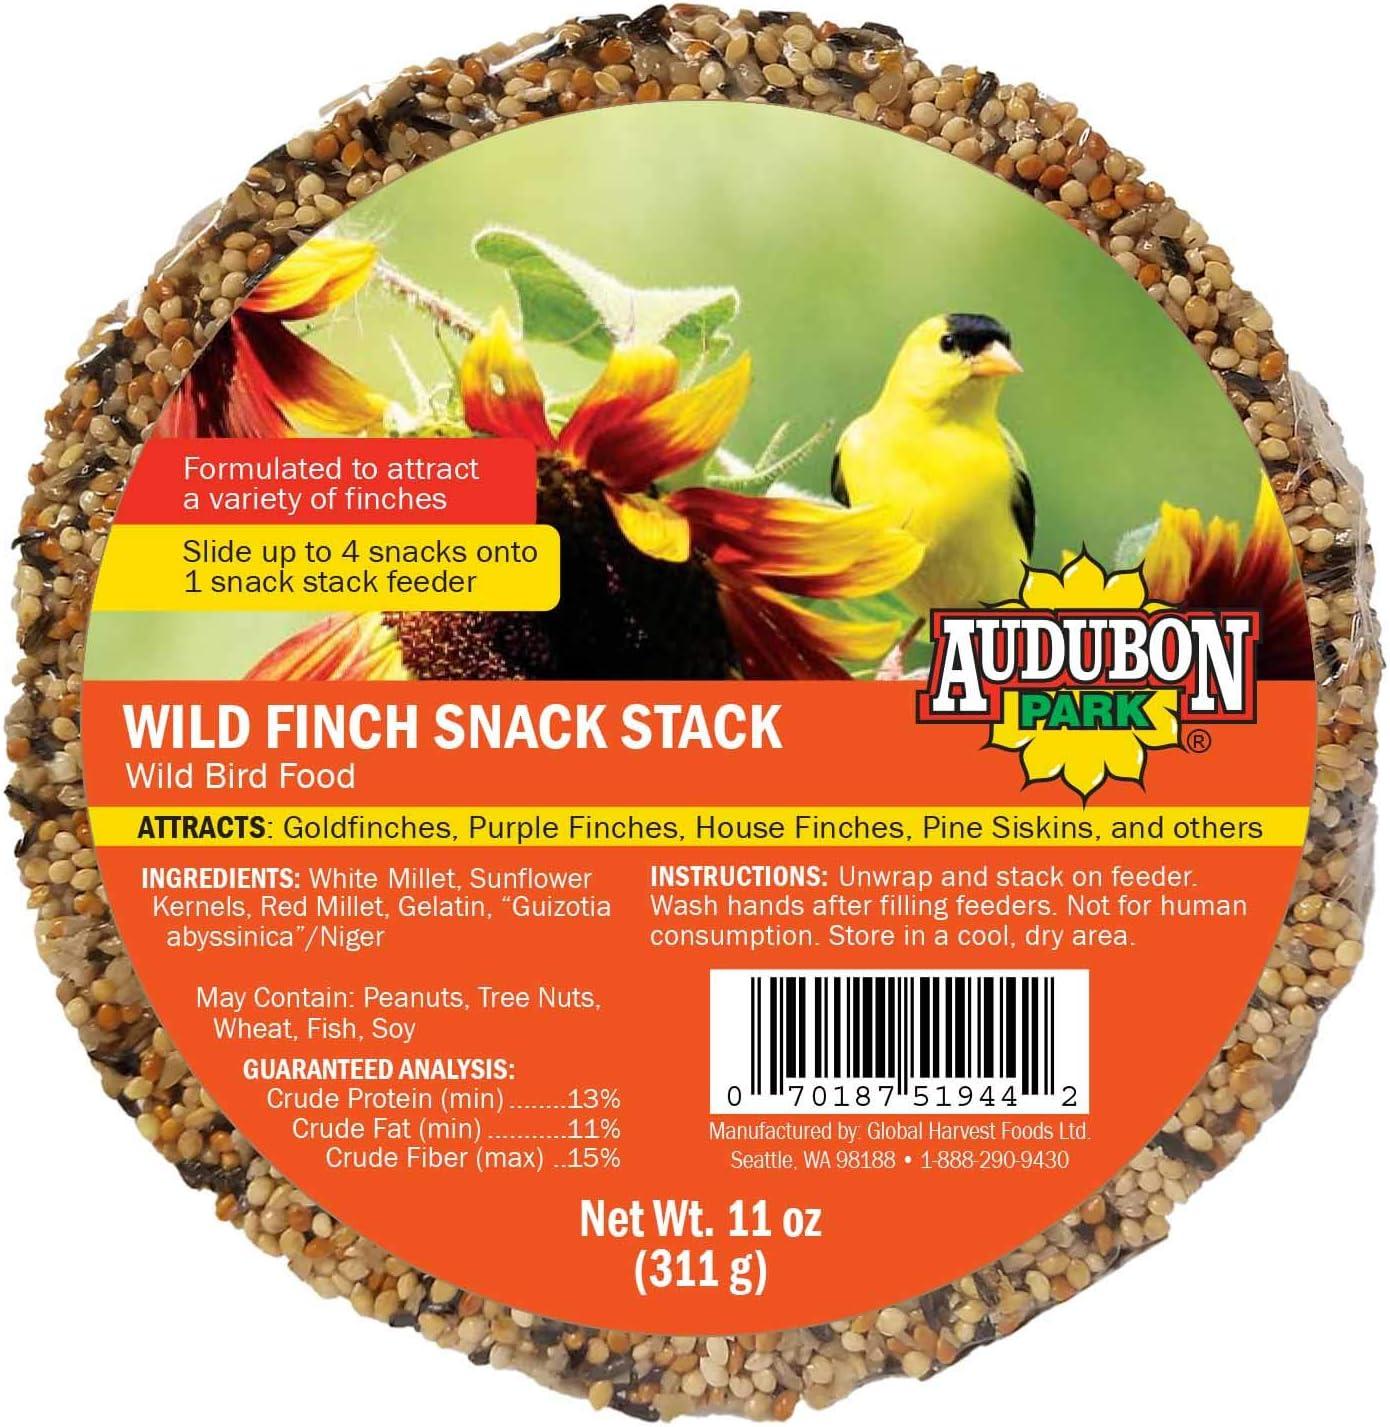 Audubon Park 13140 Wild Finch Snack Stack Wild Bird Food, 6-Pack